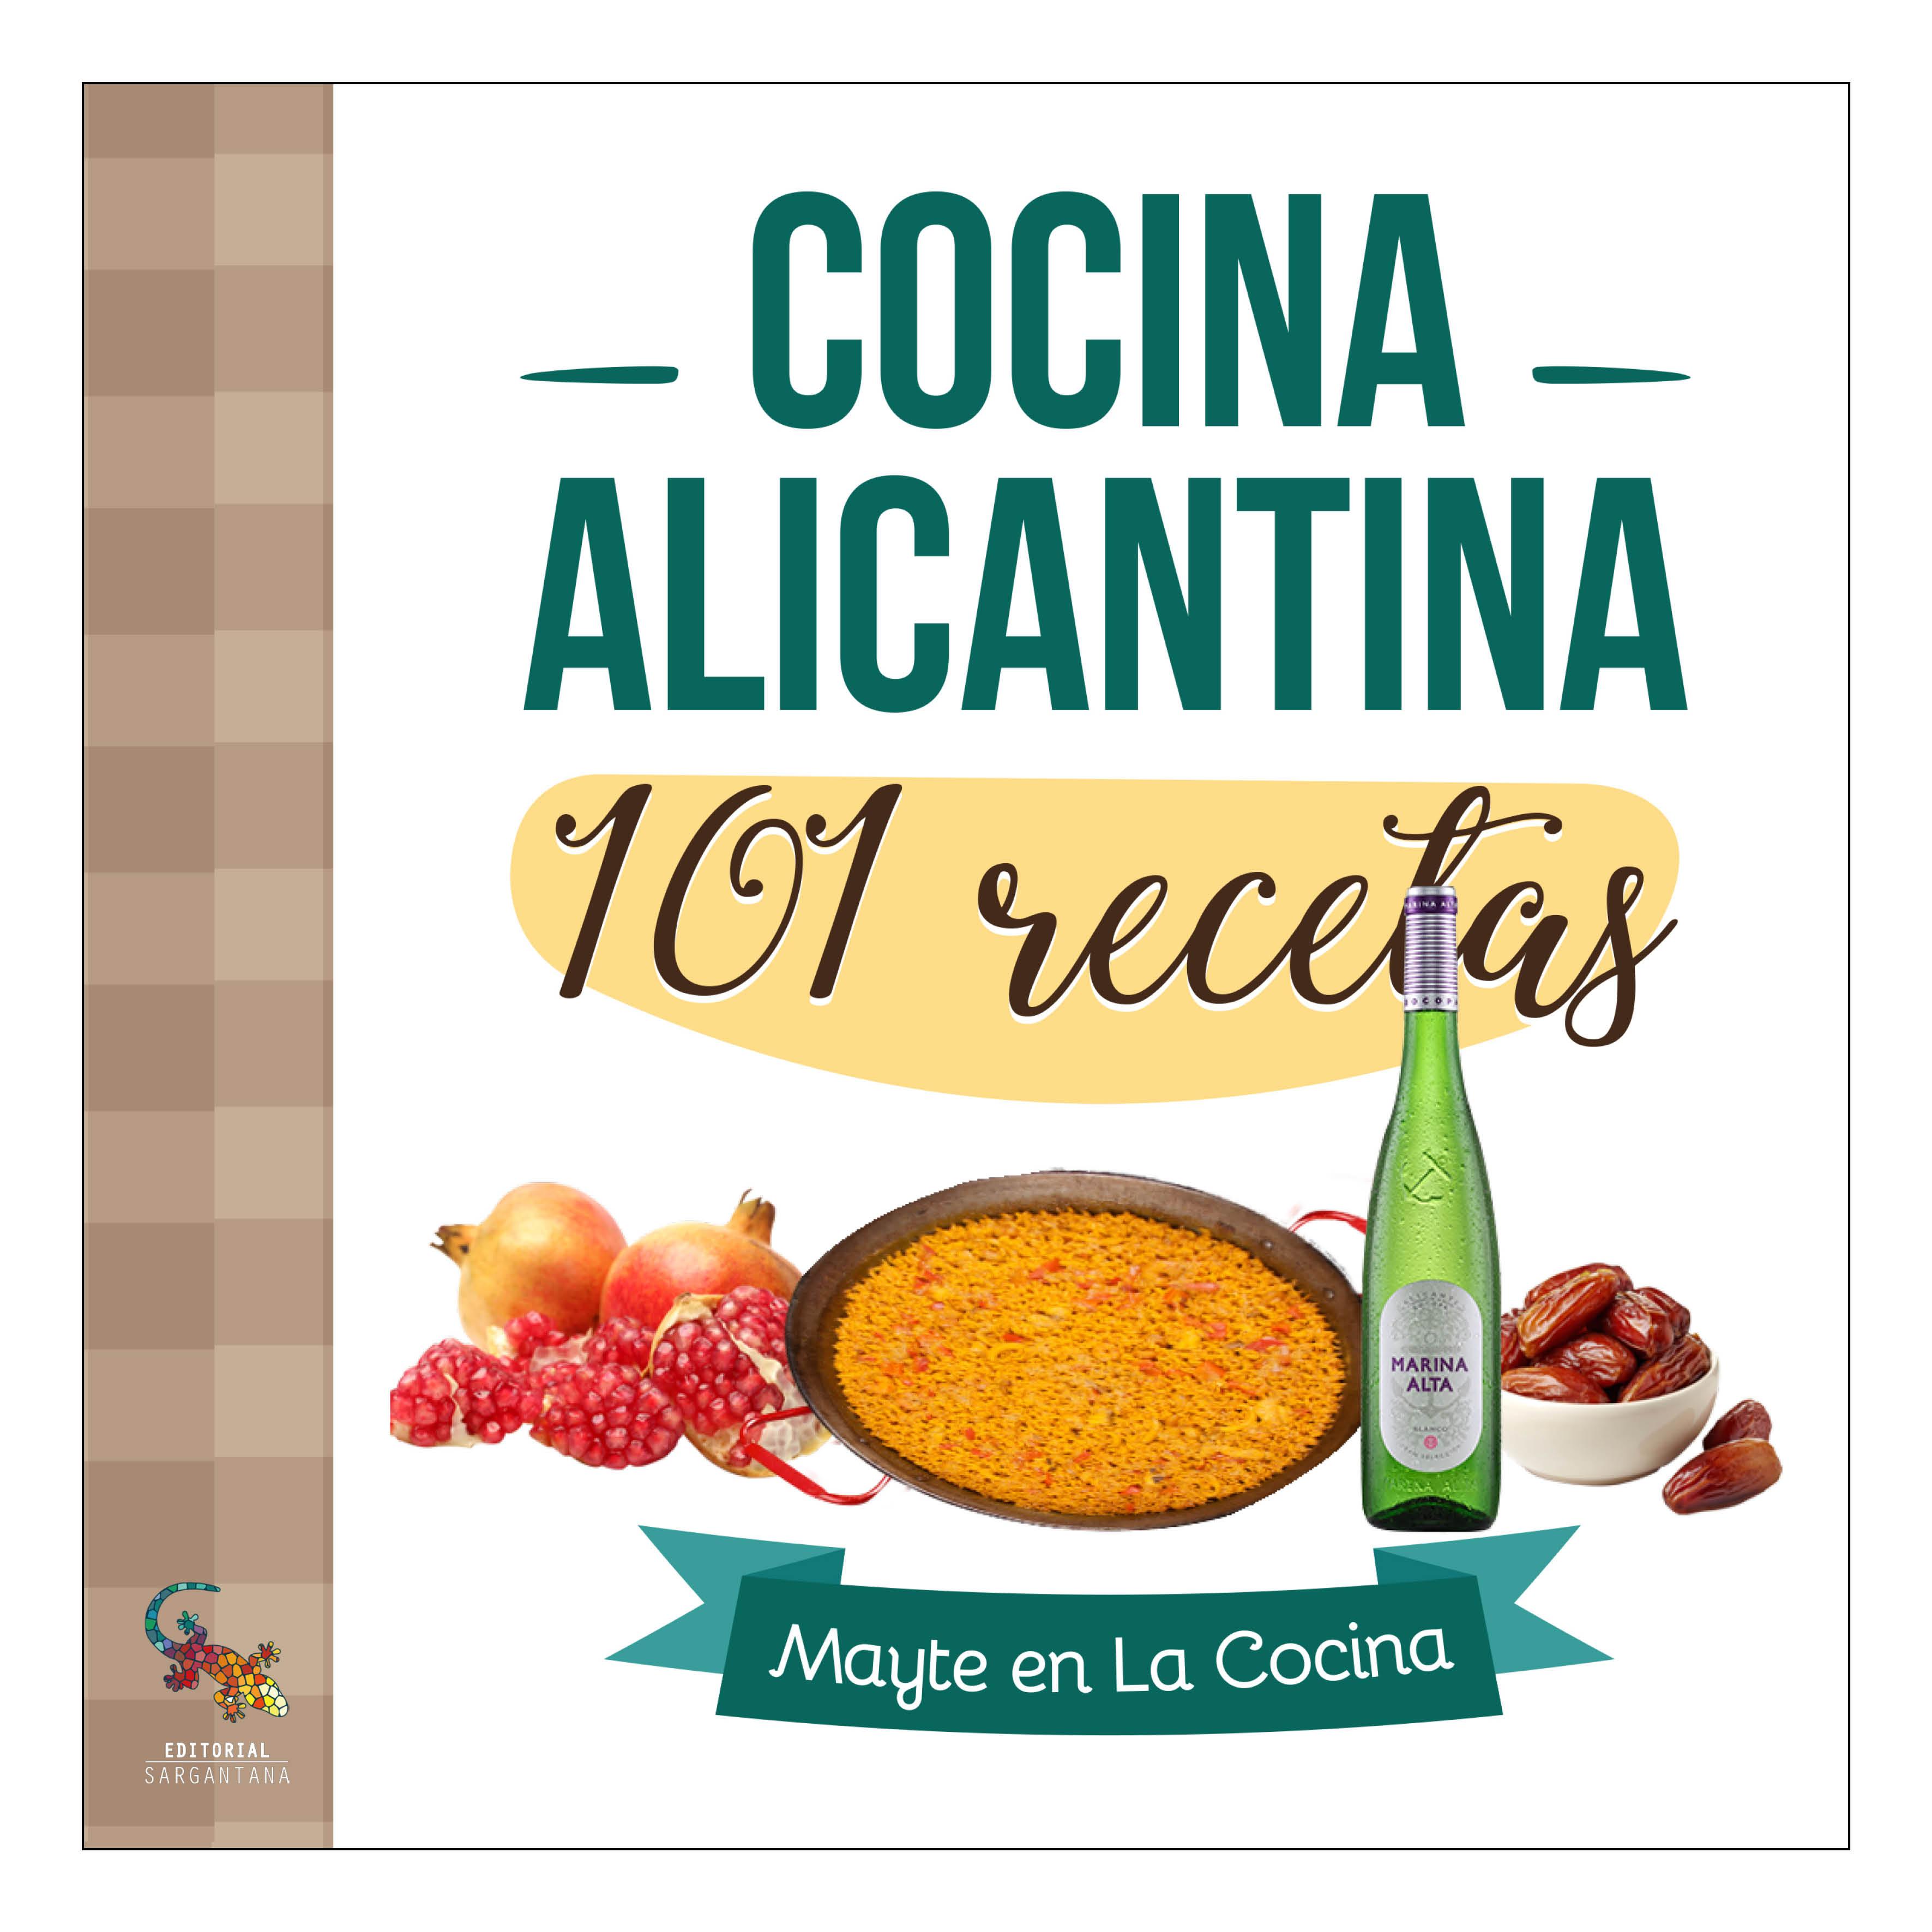 PORTADA-COCINA-ALICANTINA.jpg